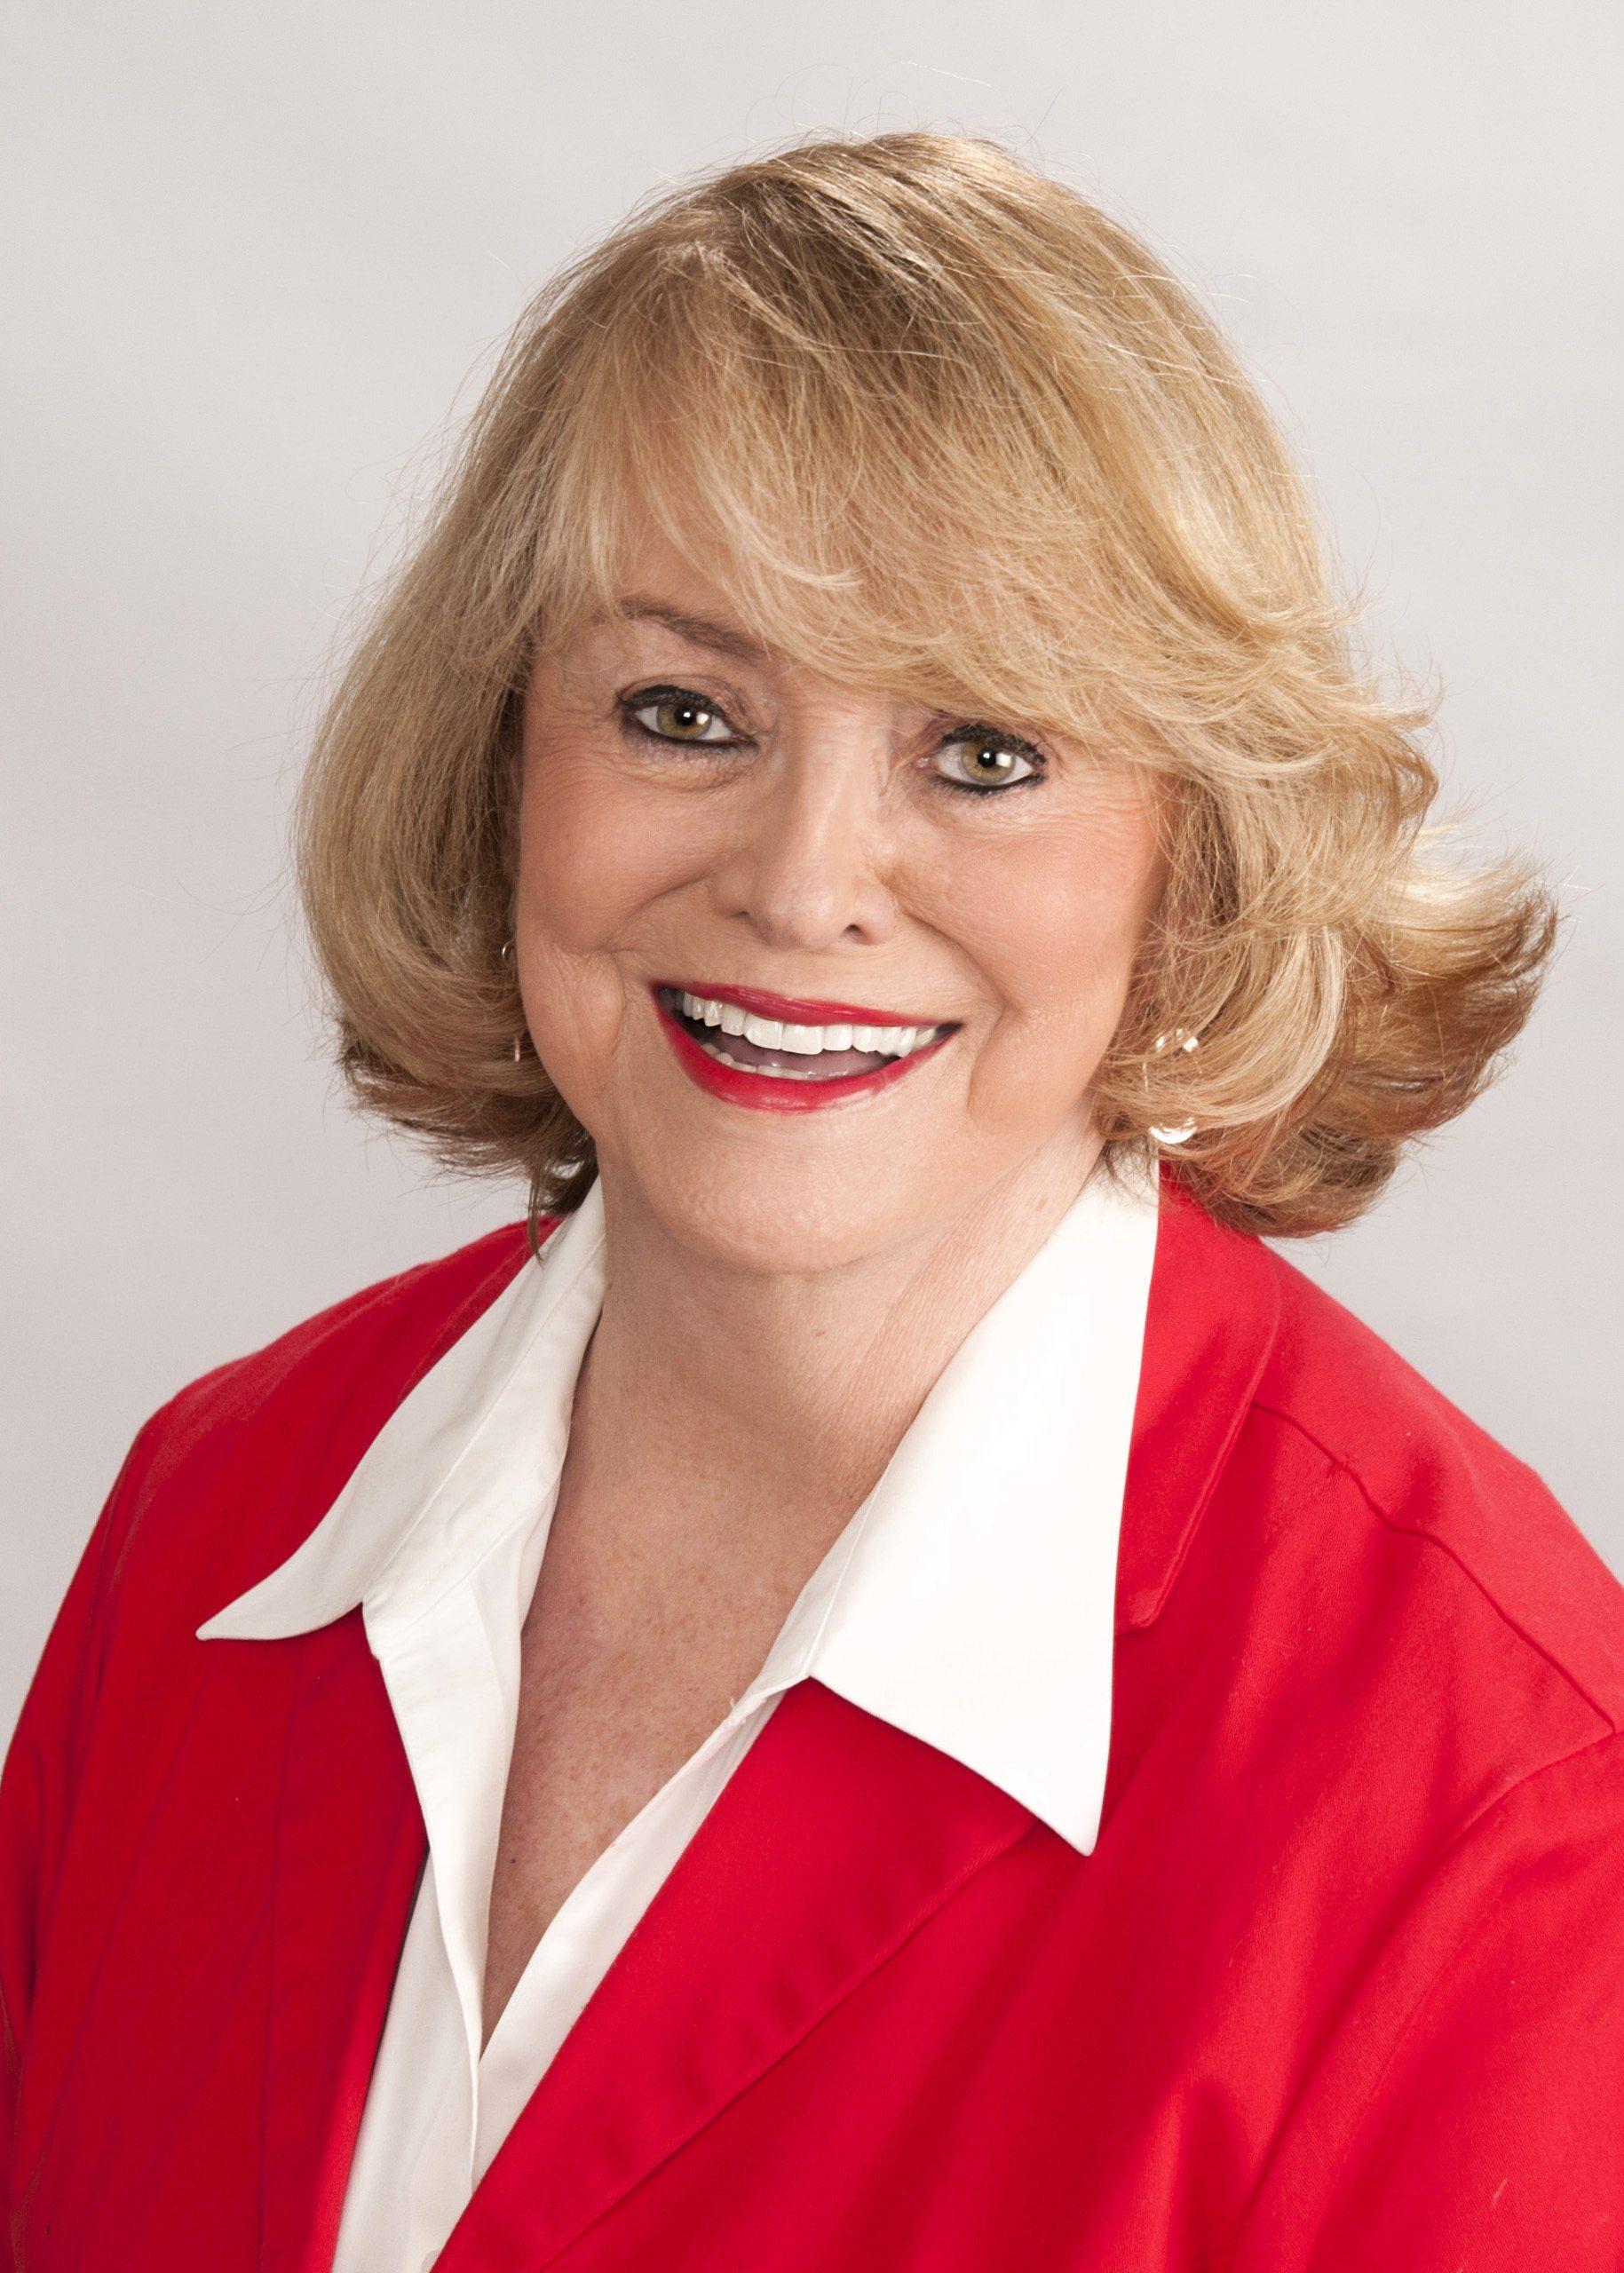 Jolene Hocott